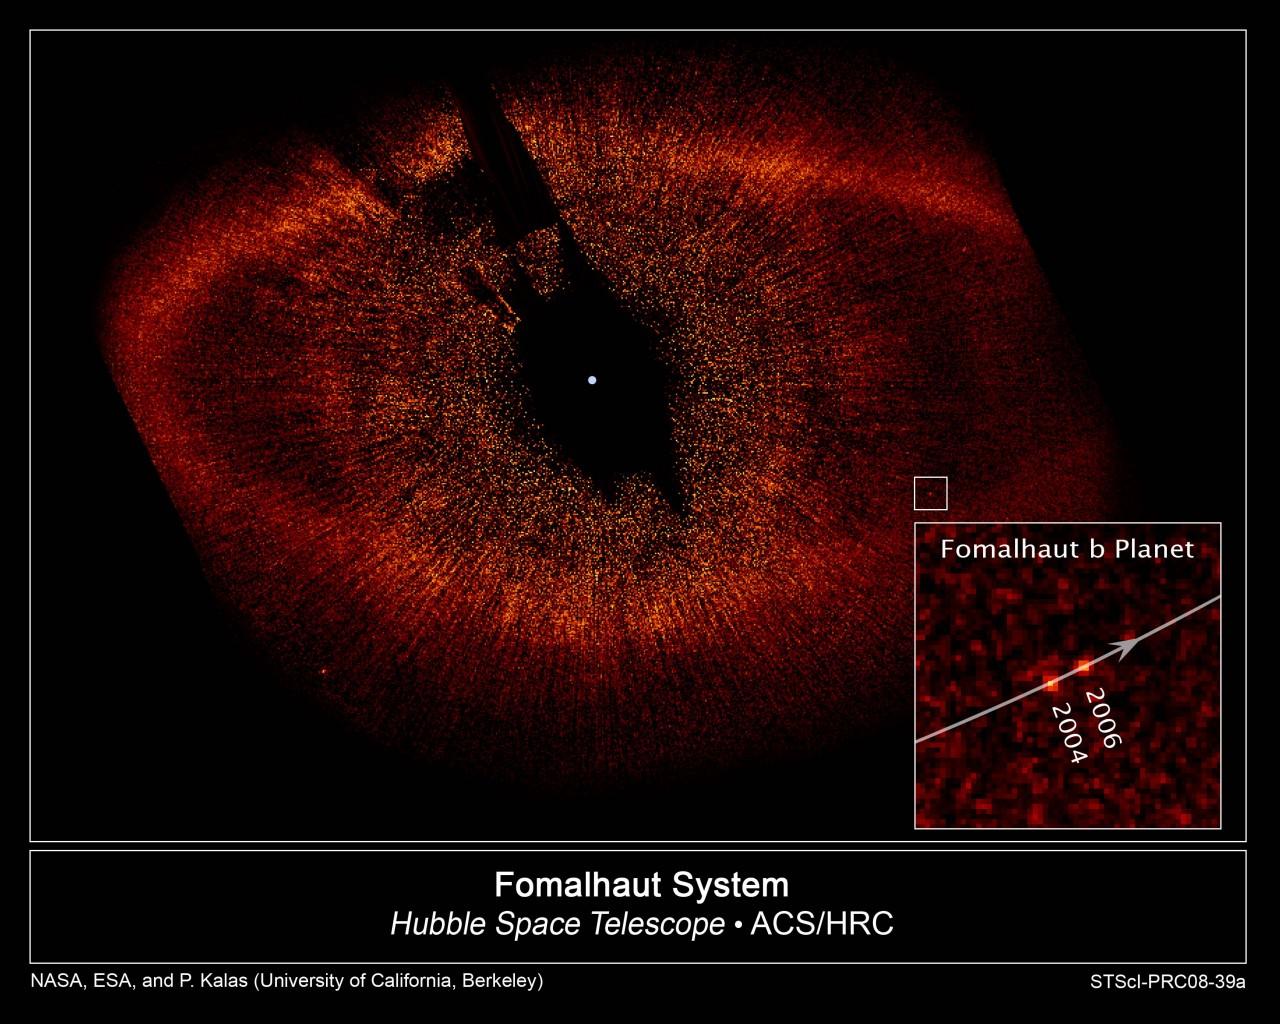 Fomalhaut b foi capturado pela câmera do telescópio Hubble - crédito NASA, ESA, P. Kalas (clique na imagem para ter acesso a versão de alta resolução em nossa galeria de imagens)